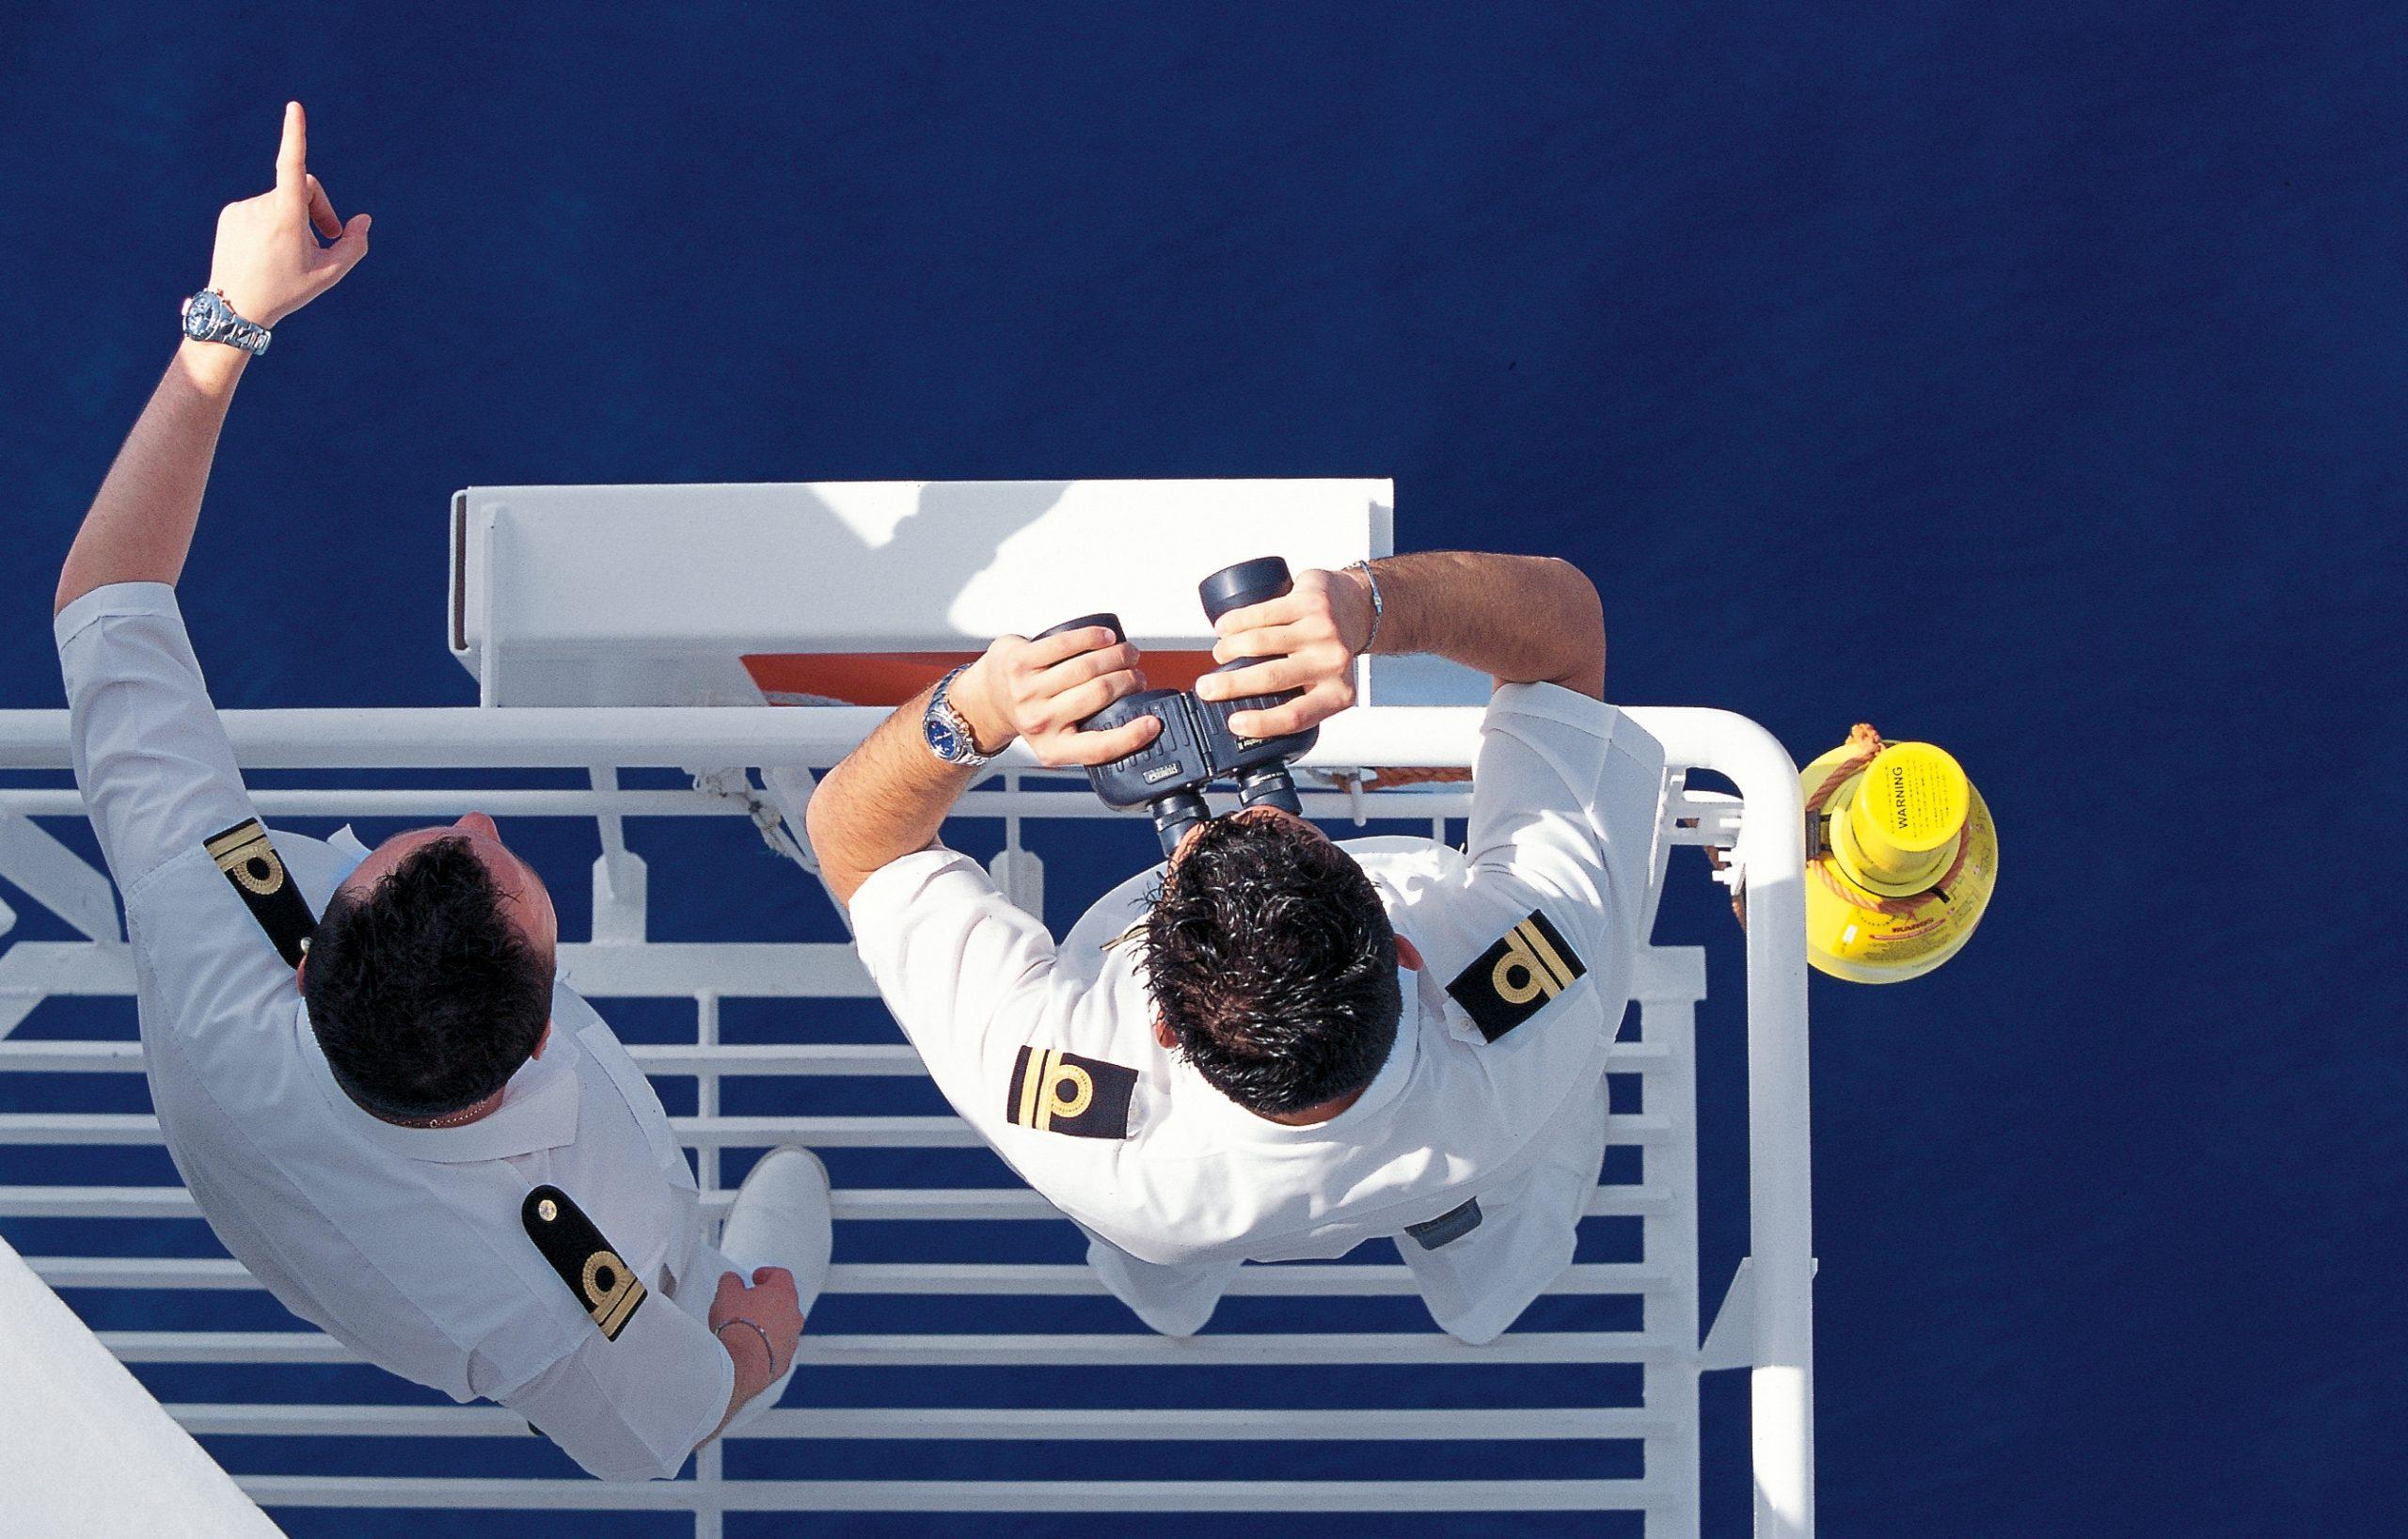 Også krydstogtbranchen må i denne tid kigge langt efter passagerer. Den kinesiske coronavirus har nærmest sat branchen i stå. Arkivpressefoto fra MSC Cruises.